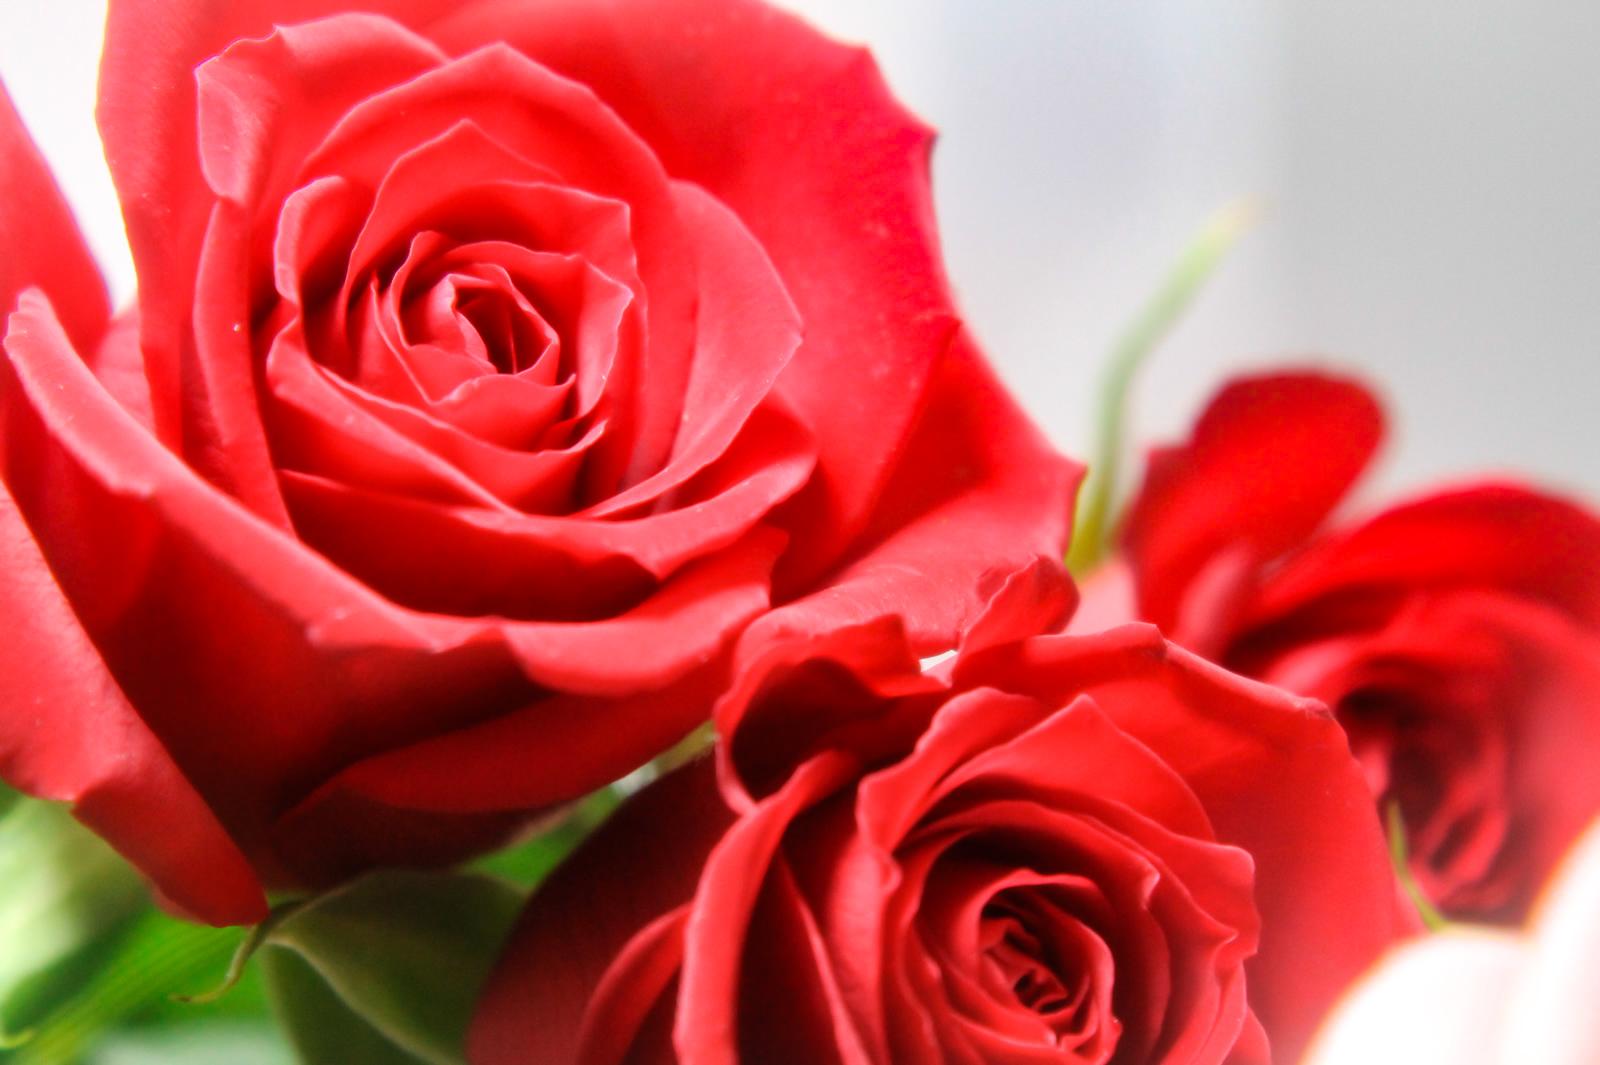 薔薇の花言葉と情熱の赤い薔薇